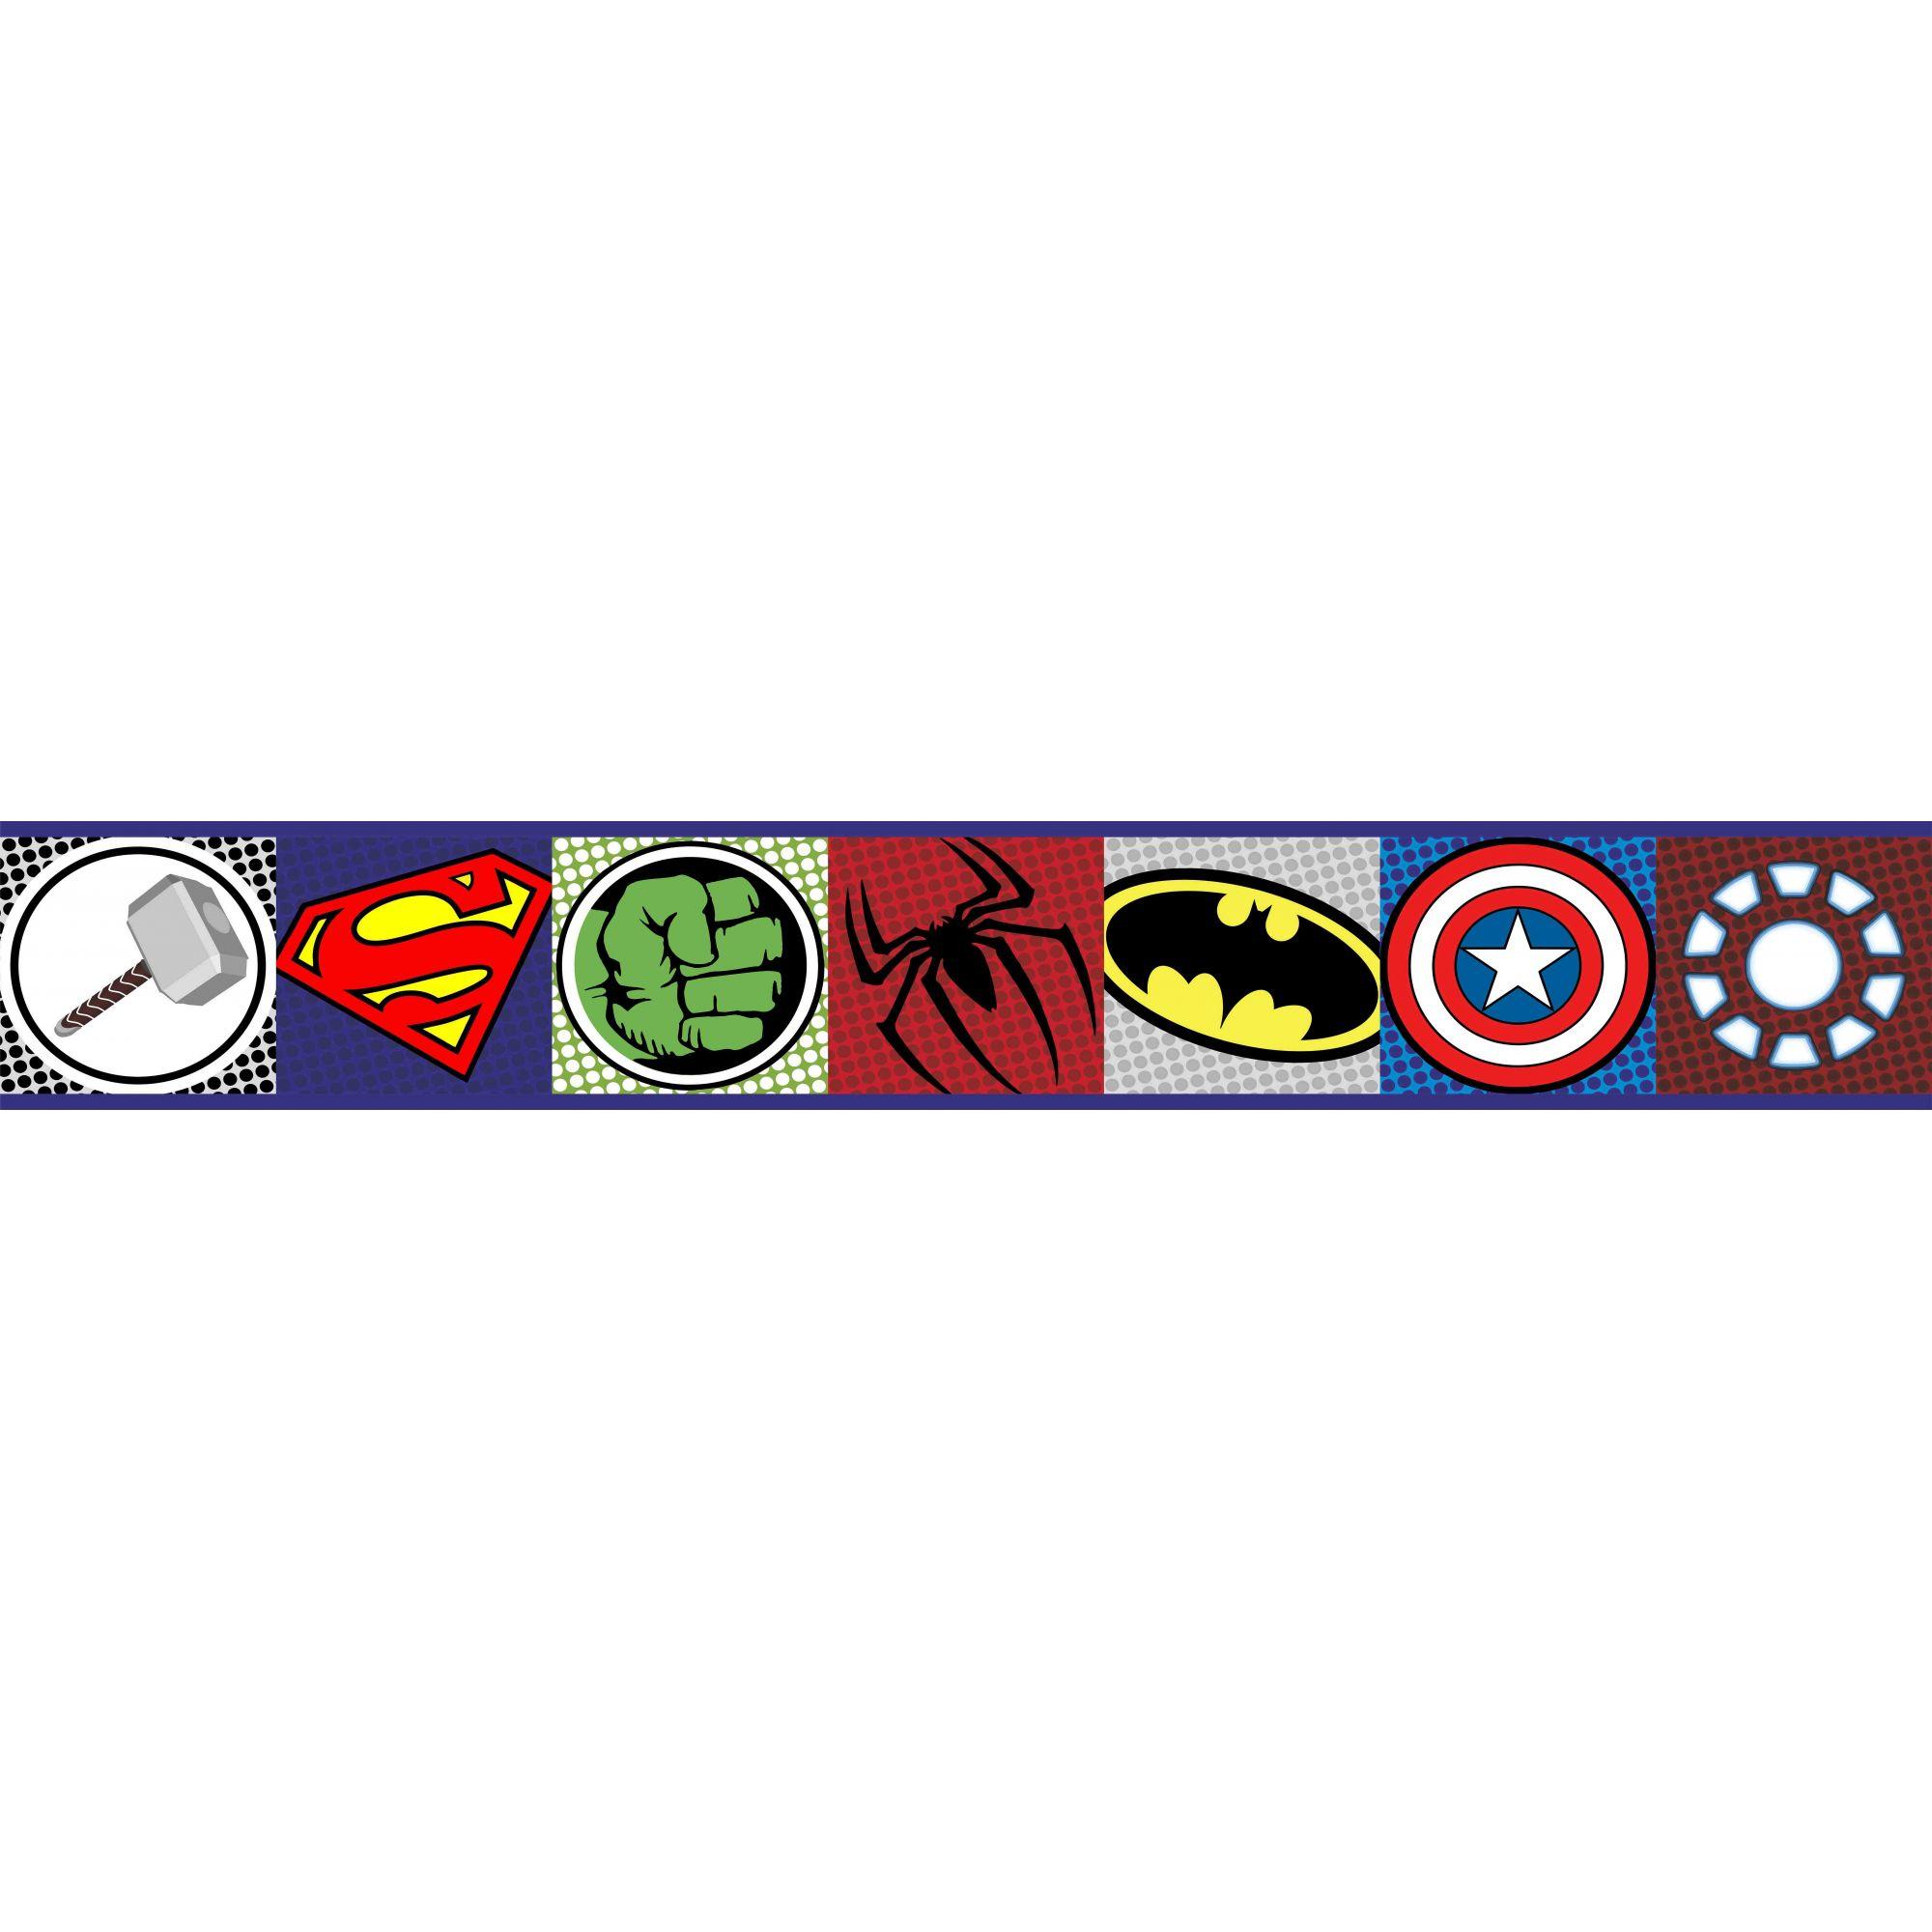 Faixa Decorativa Adesiva Vingadores Logo  - Final Decor